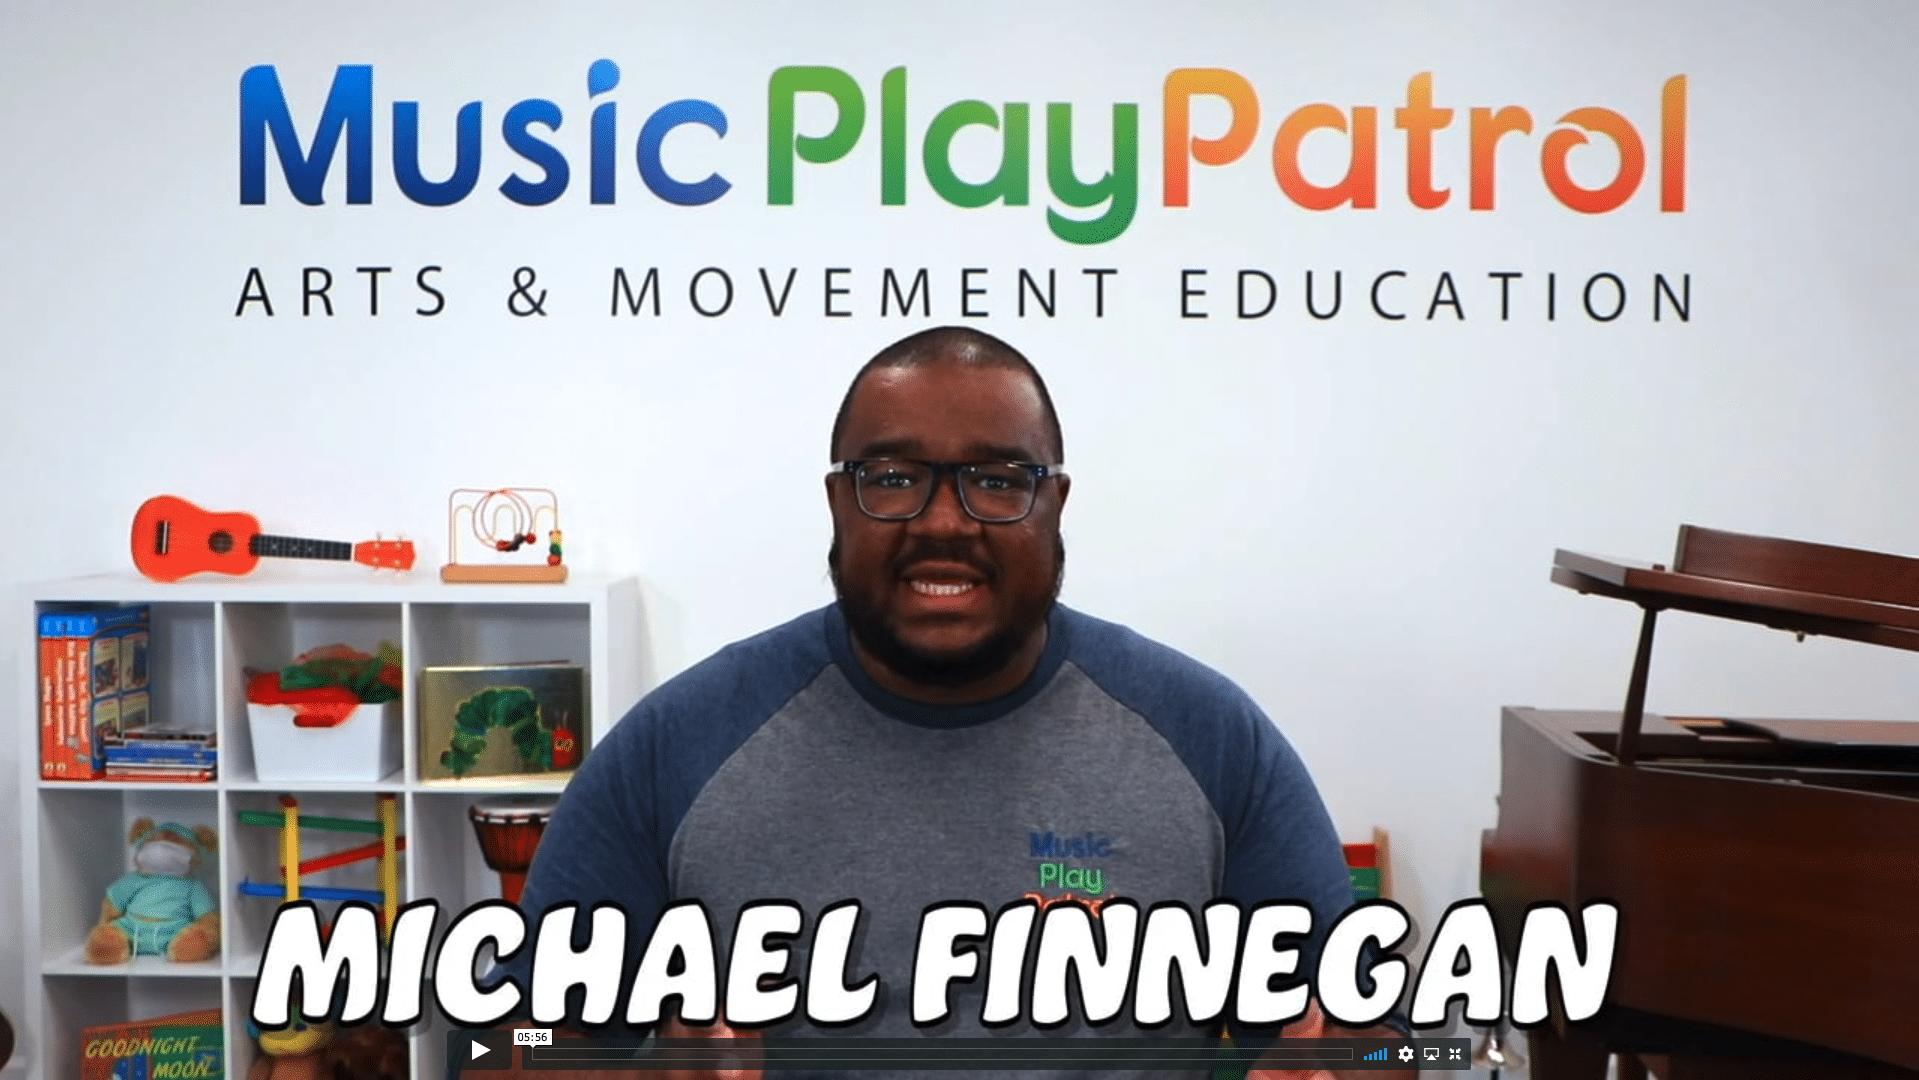 Michael Finneghan